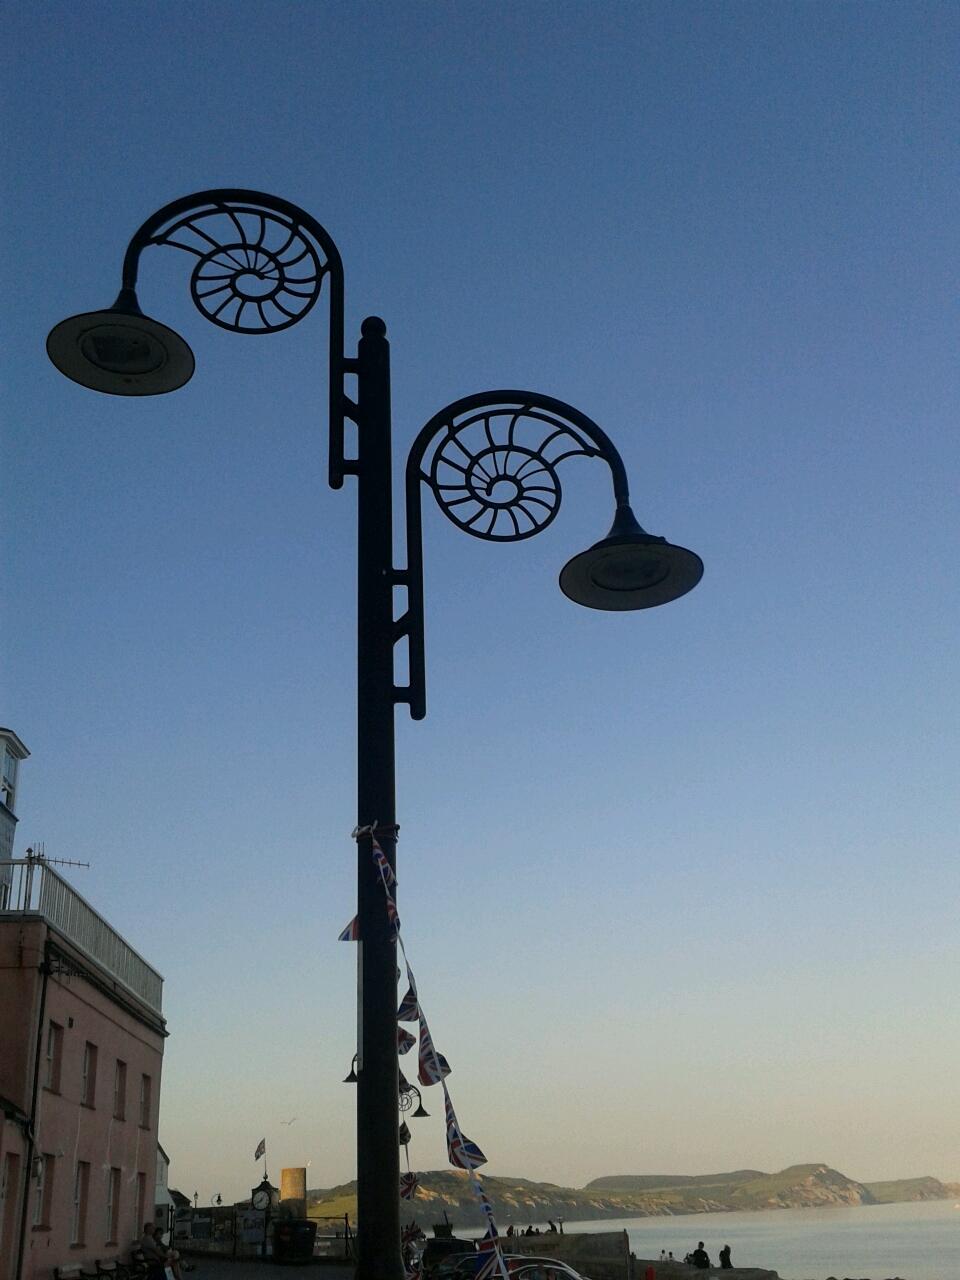 Lyme Regis Lamp Post